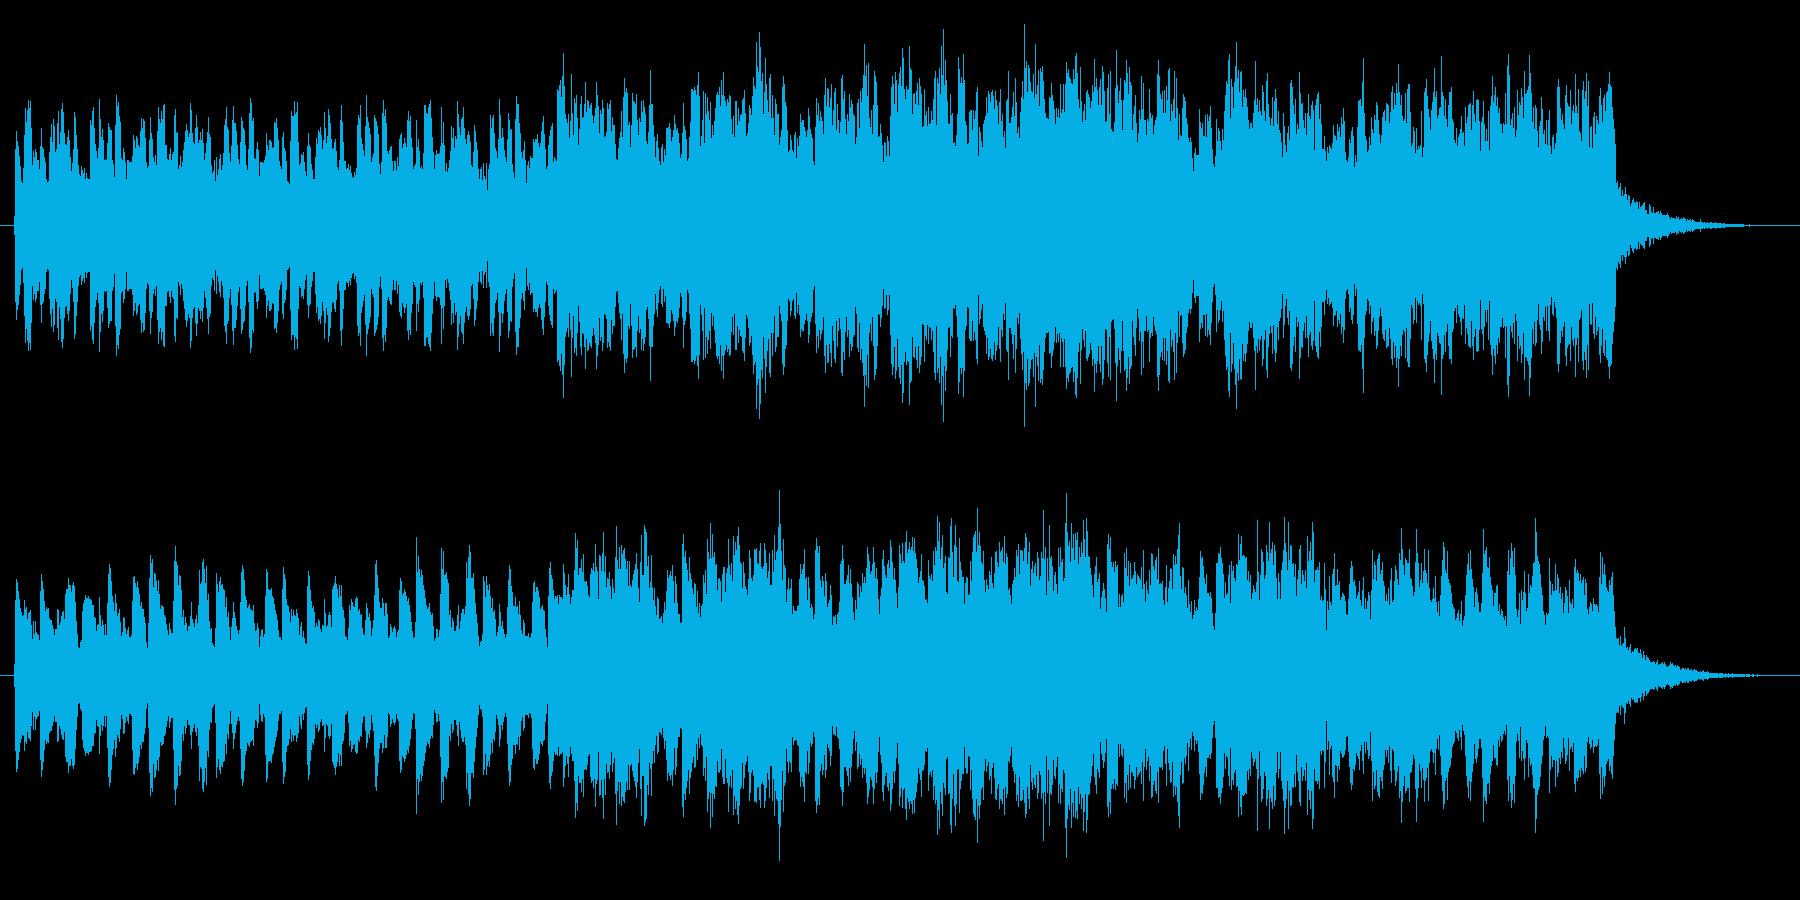 ホラー映画の様な奇妙な声の合唱BGMの再生済みの波形